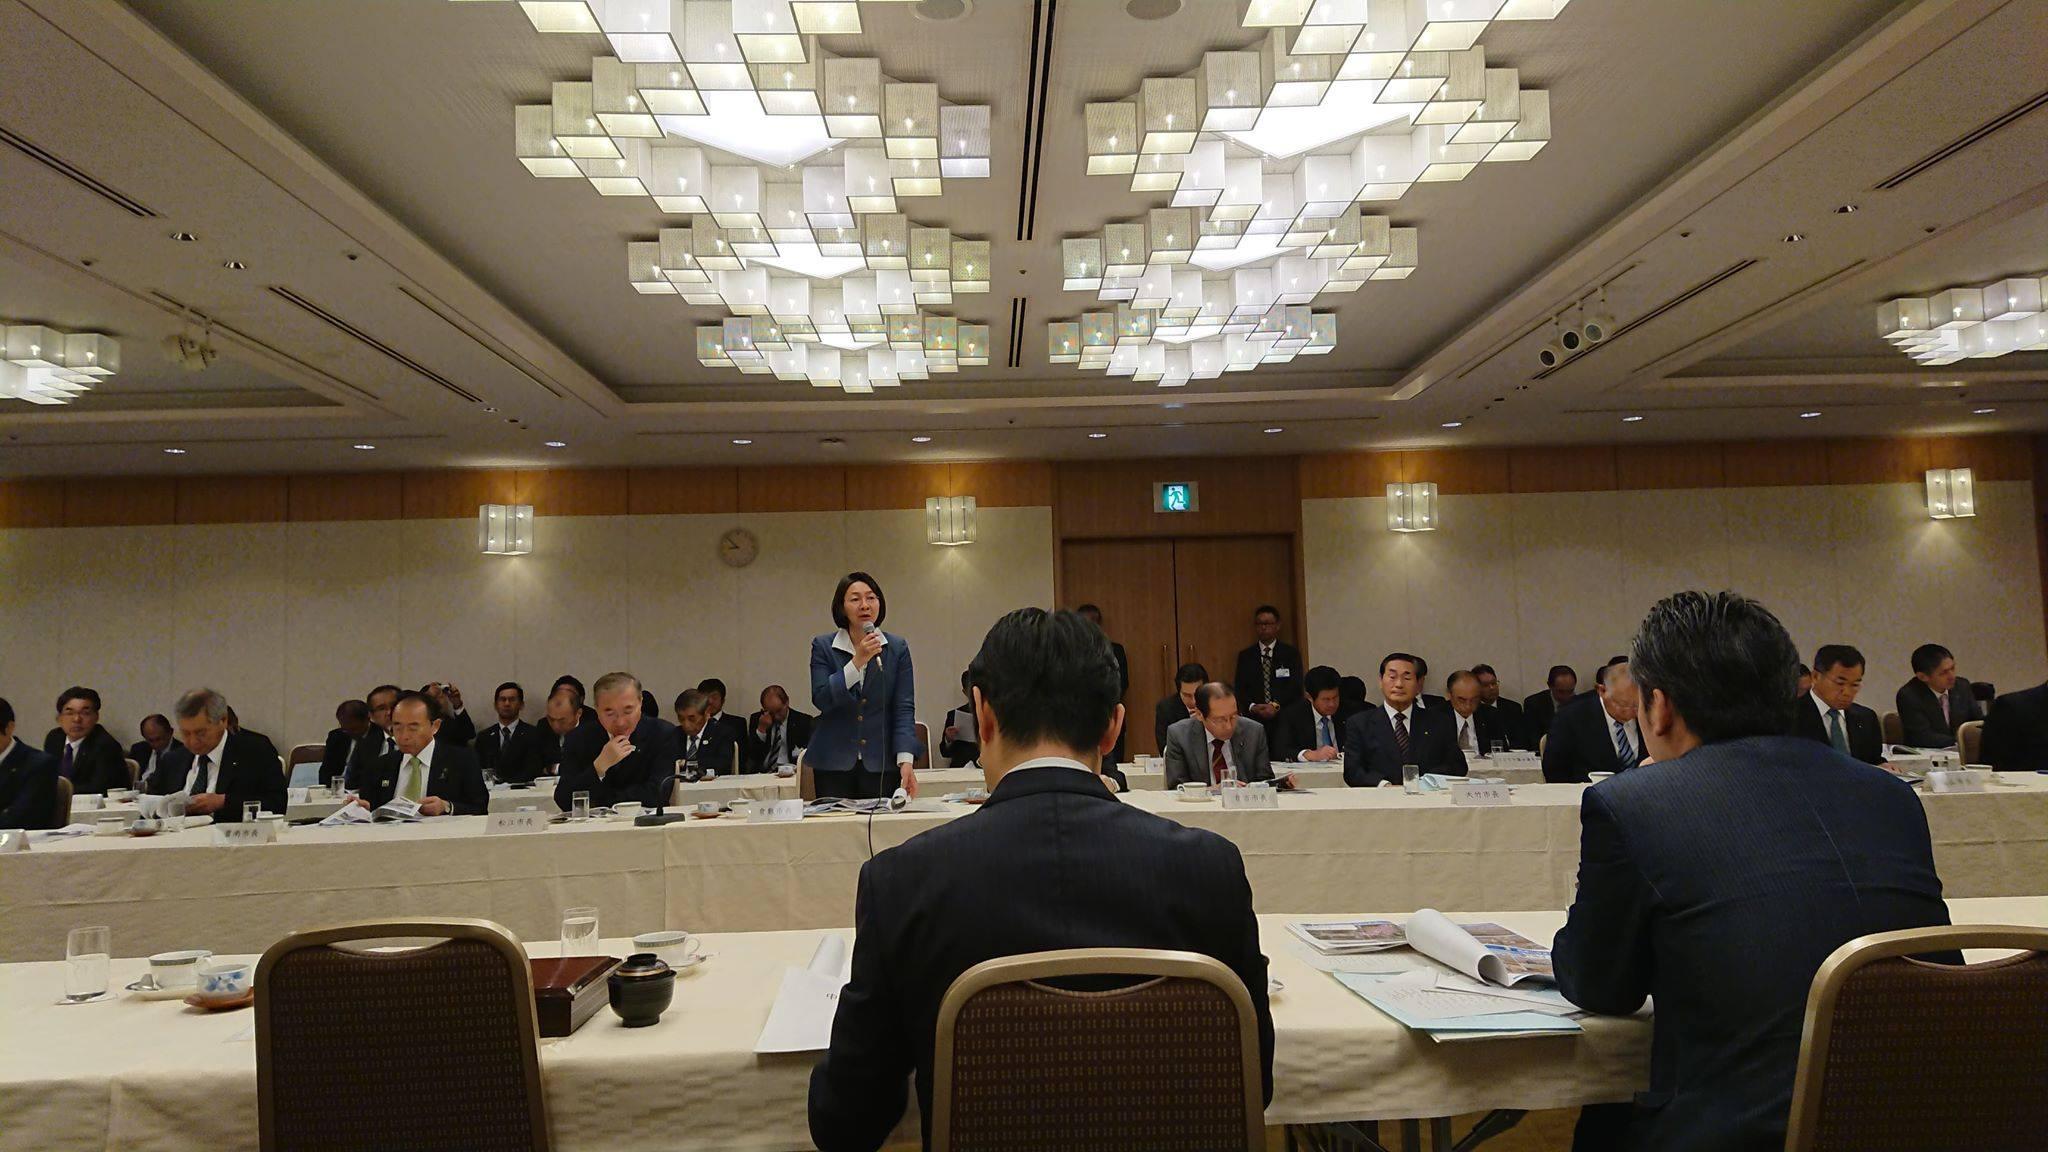 伊東香織倉敷市長が会長を務める「中国治水期成同盟会連合会」が主催する「直轄河川の治水に関する意見交換会」に出席しました。